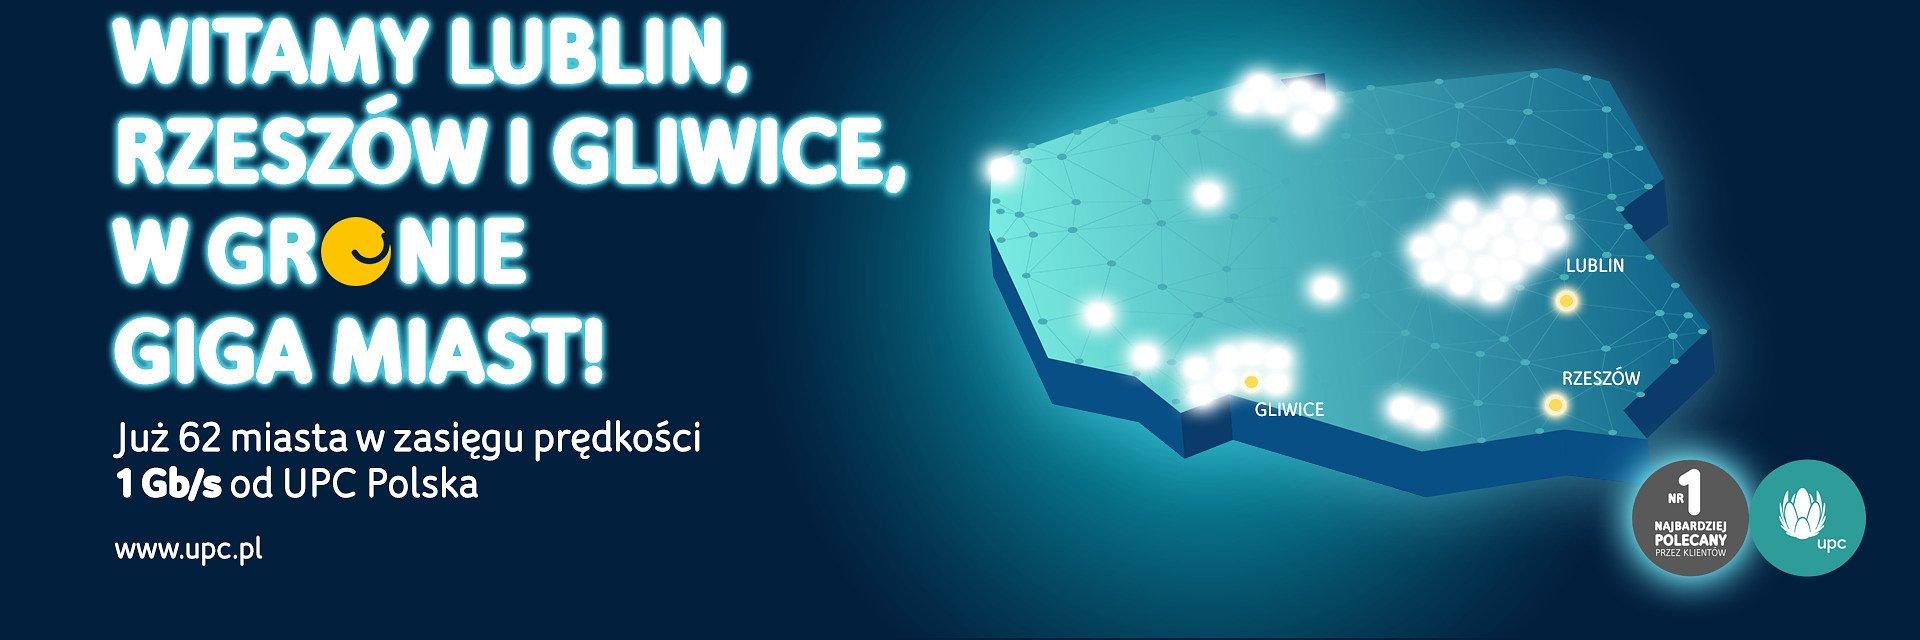 UPC Polska rozszerza zasięg 1Gb/s internetu do 2,5 miliona gospodarstw domowych